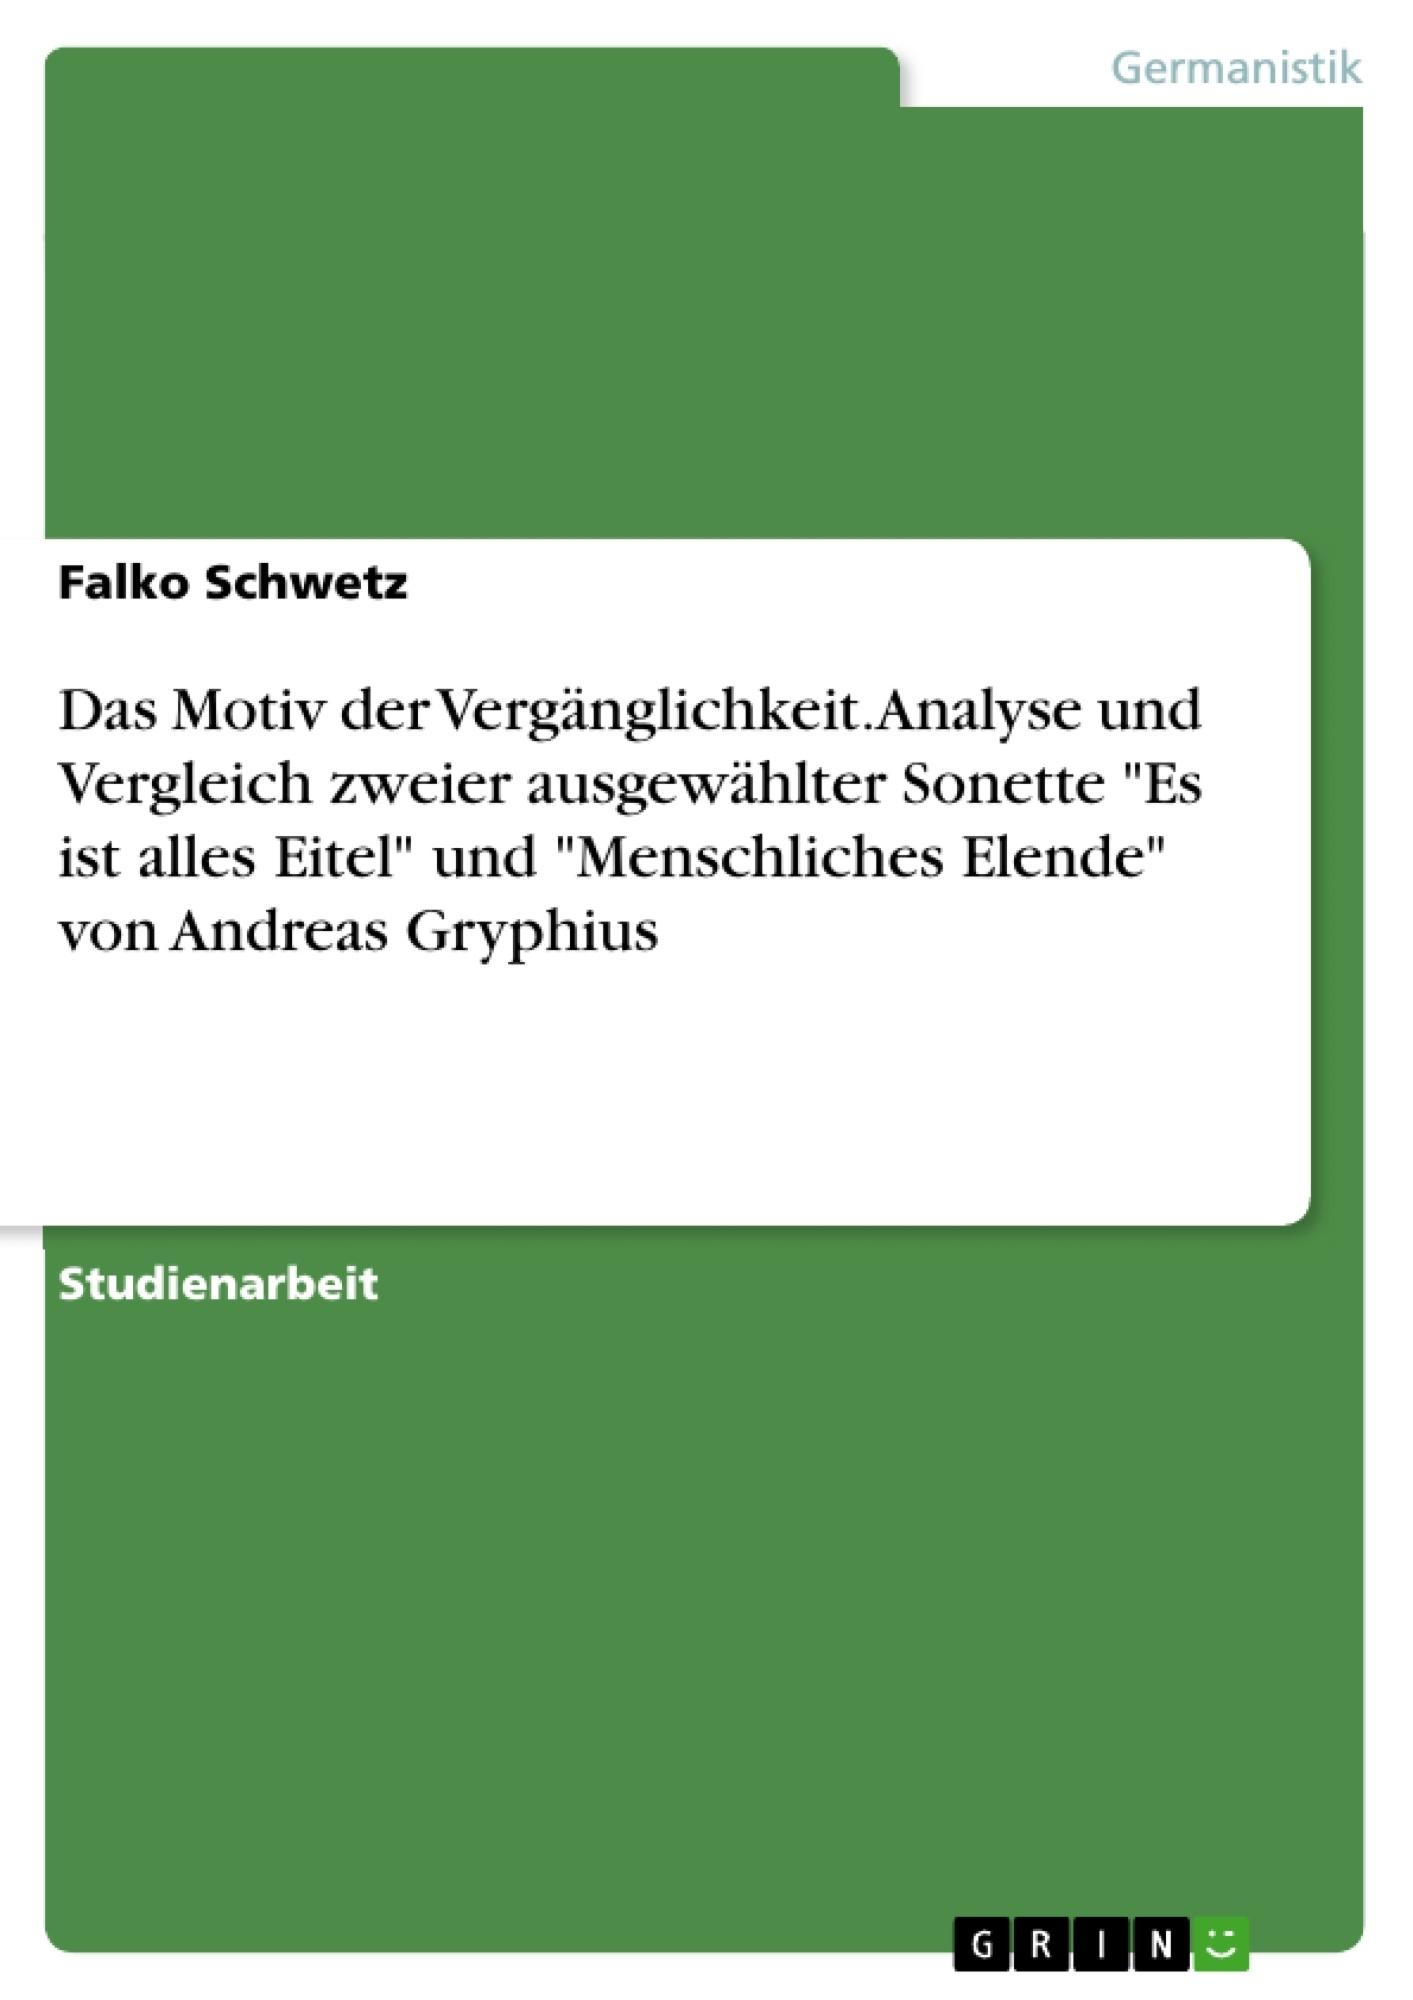 """Titel: Das Motiv der Vergänglichkeit. Analyse und Vergleich zweier ausgewählter Sonette """"Es ist alles Eitel"""" und """"Menschliches Elende"""" von Andreas Gryphius"""